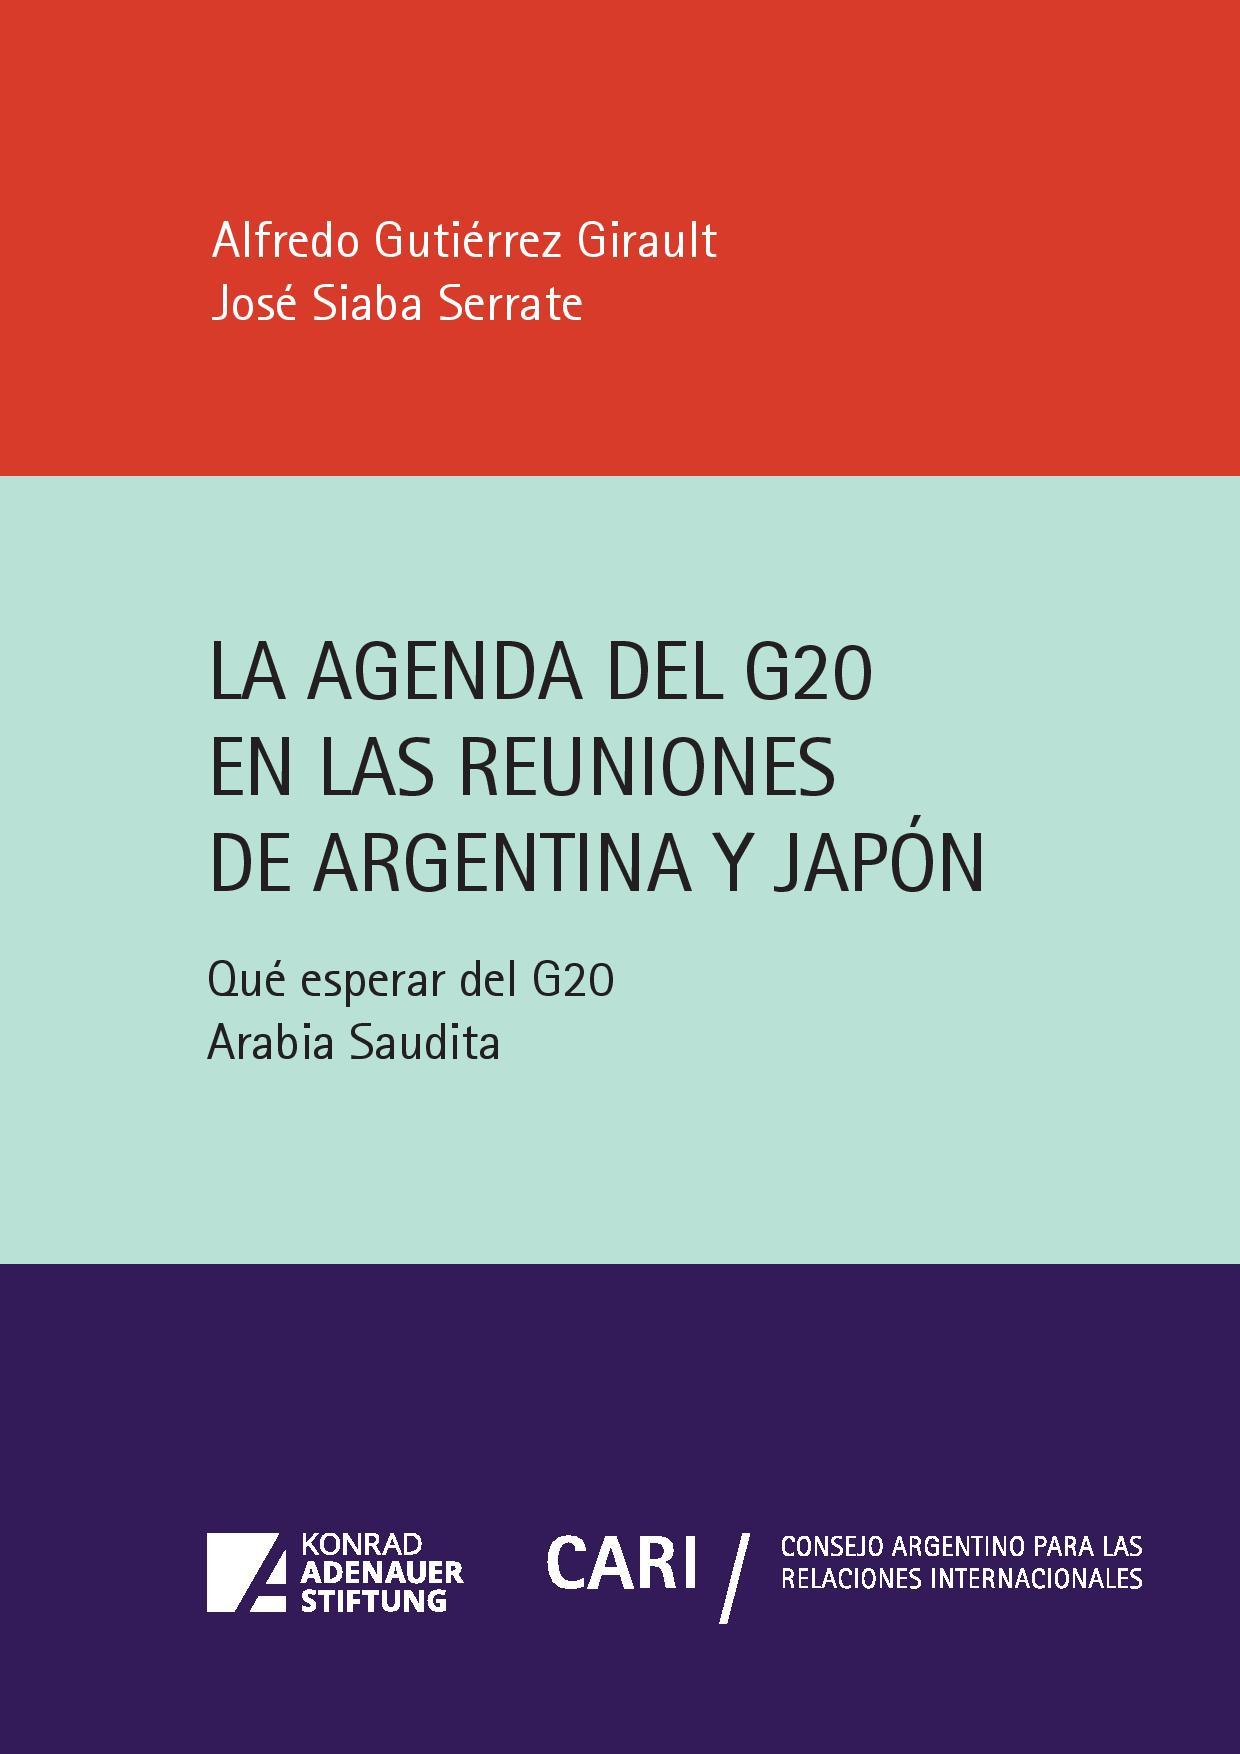 https://www.kas.de/documents/287460/6004906/La+Agenda+del+G20+en+las+Reuniones+de+Argentina+y+Jap%C3%B3n.jpg/a956d372-75b6-8eb1-504f-fe15654db516?t=1575484014718&download=true